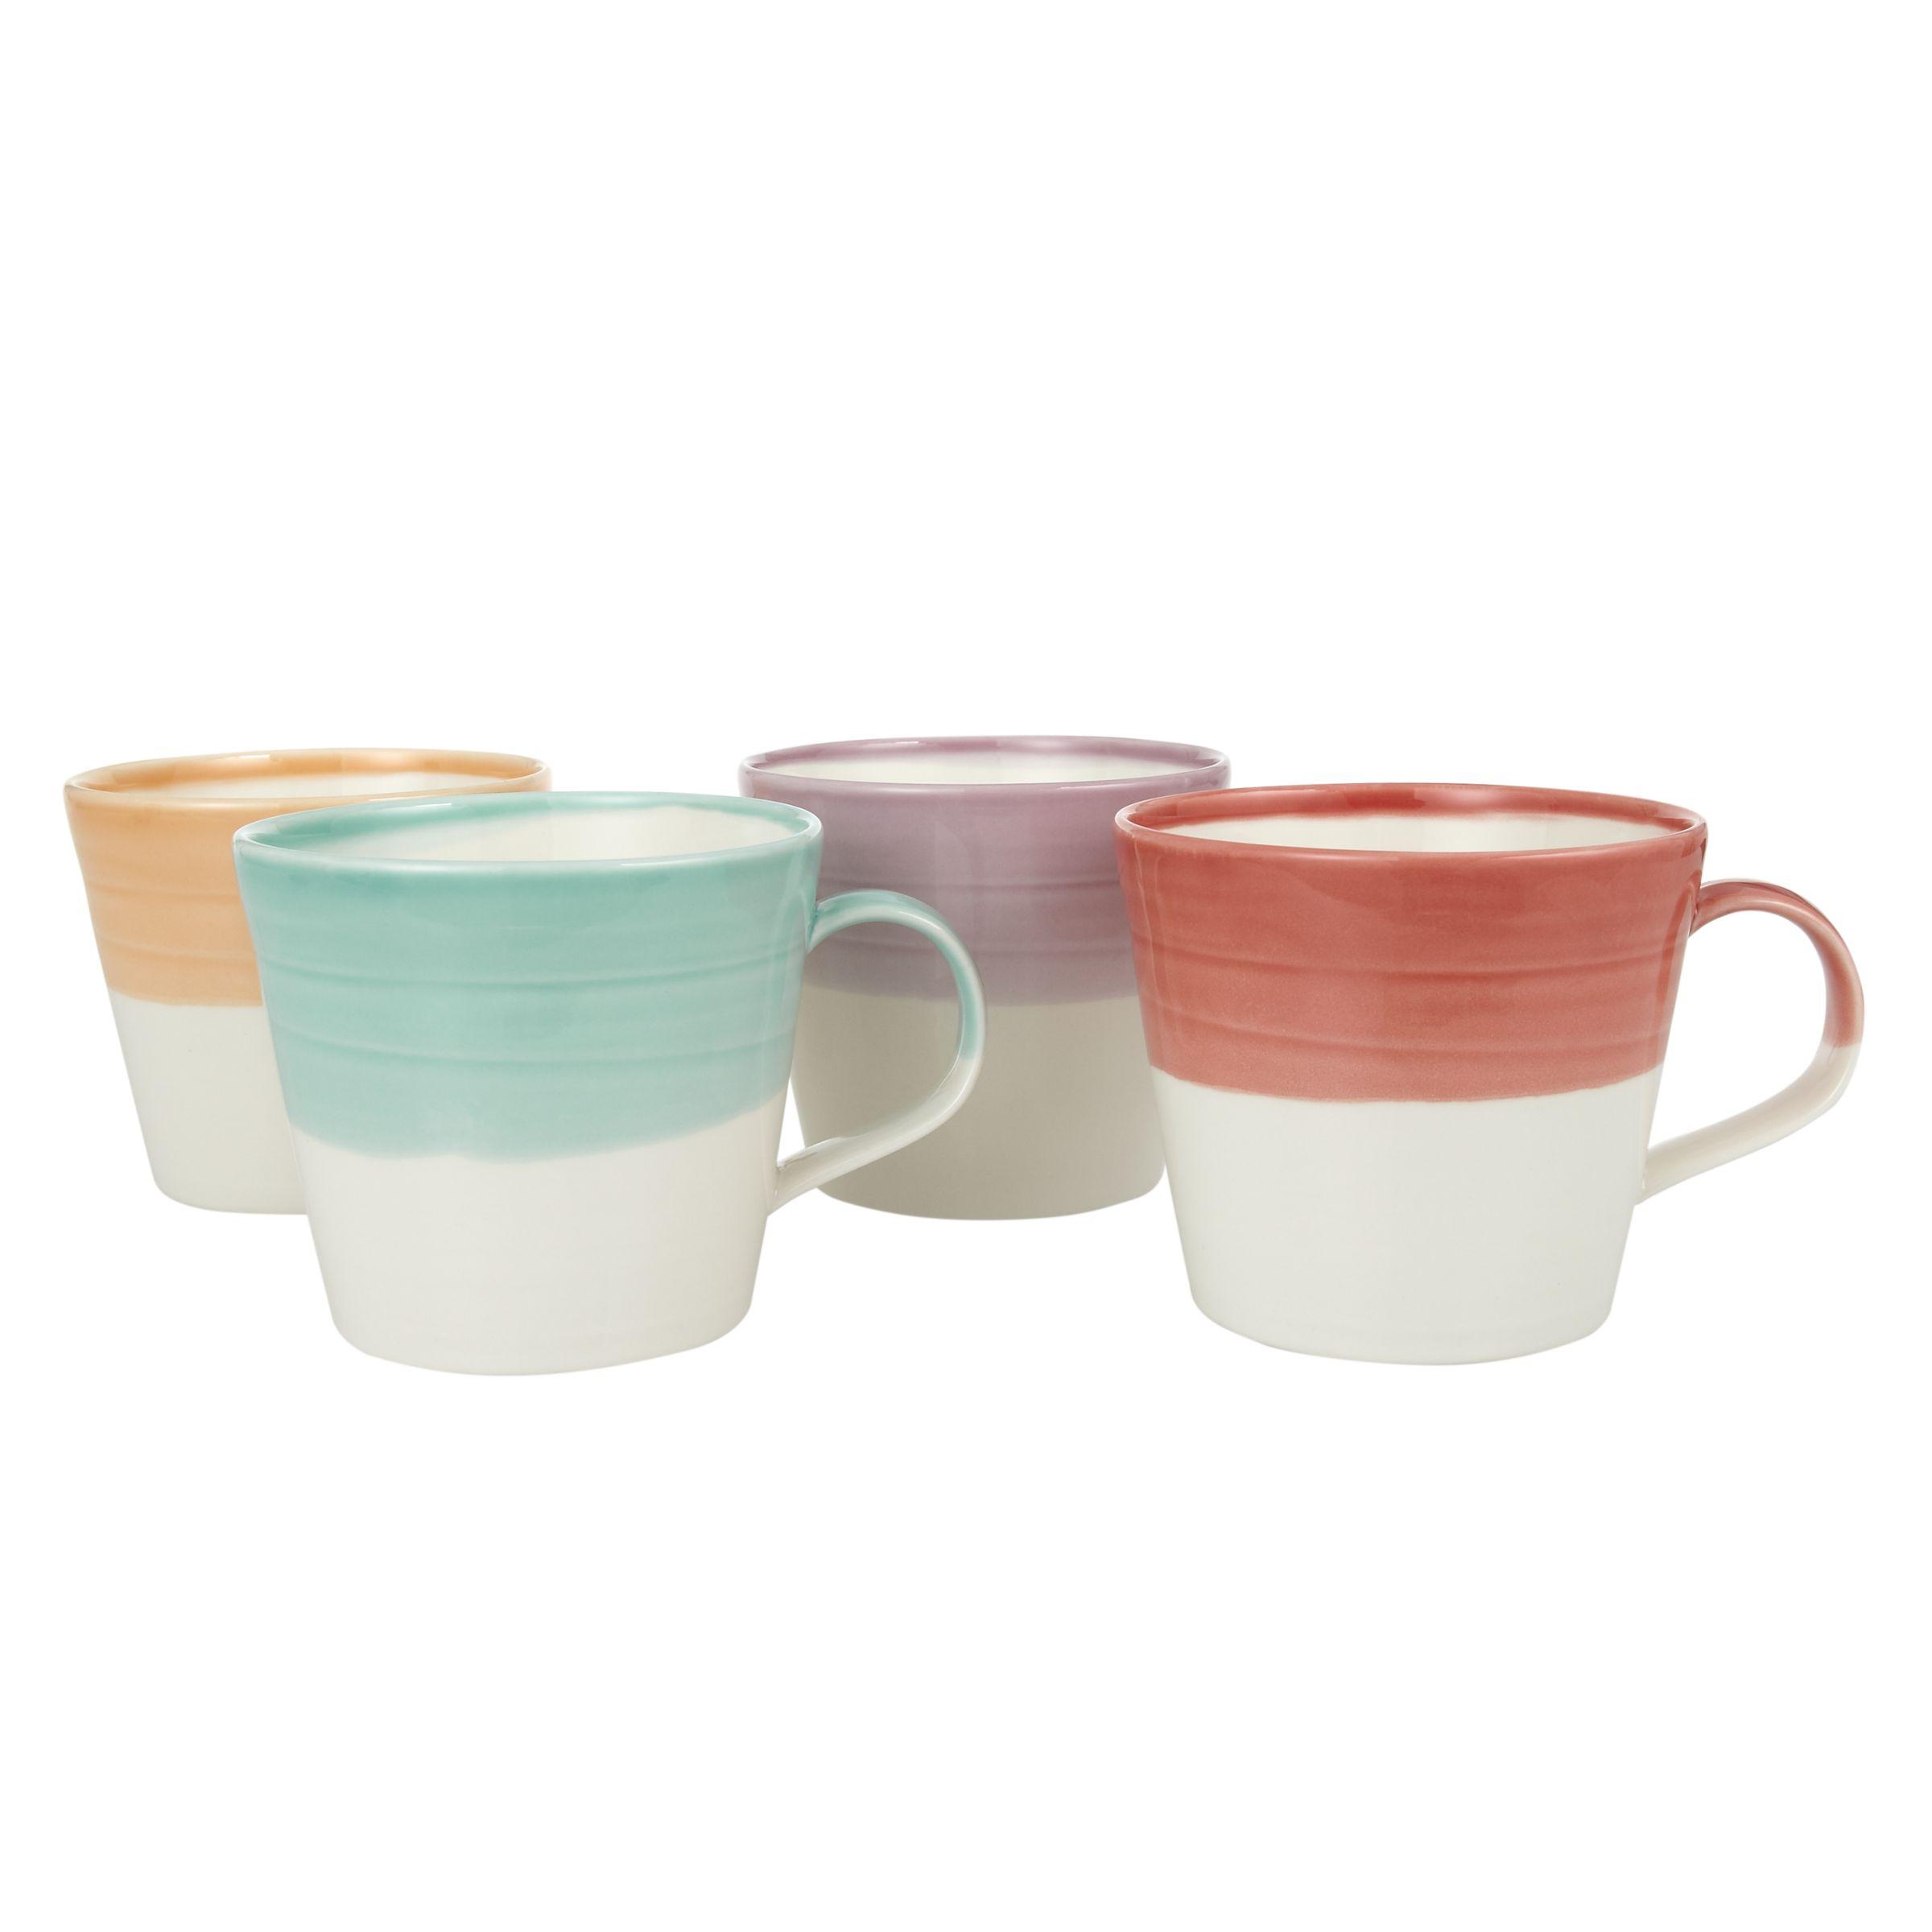 Royal Doulton Royal Doulton 1815 Tapas Mugs, Assorted Brights, Set of 4